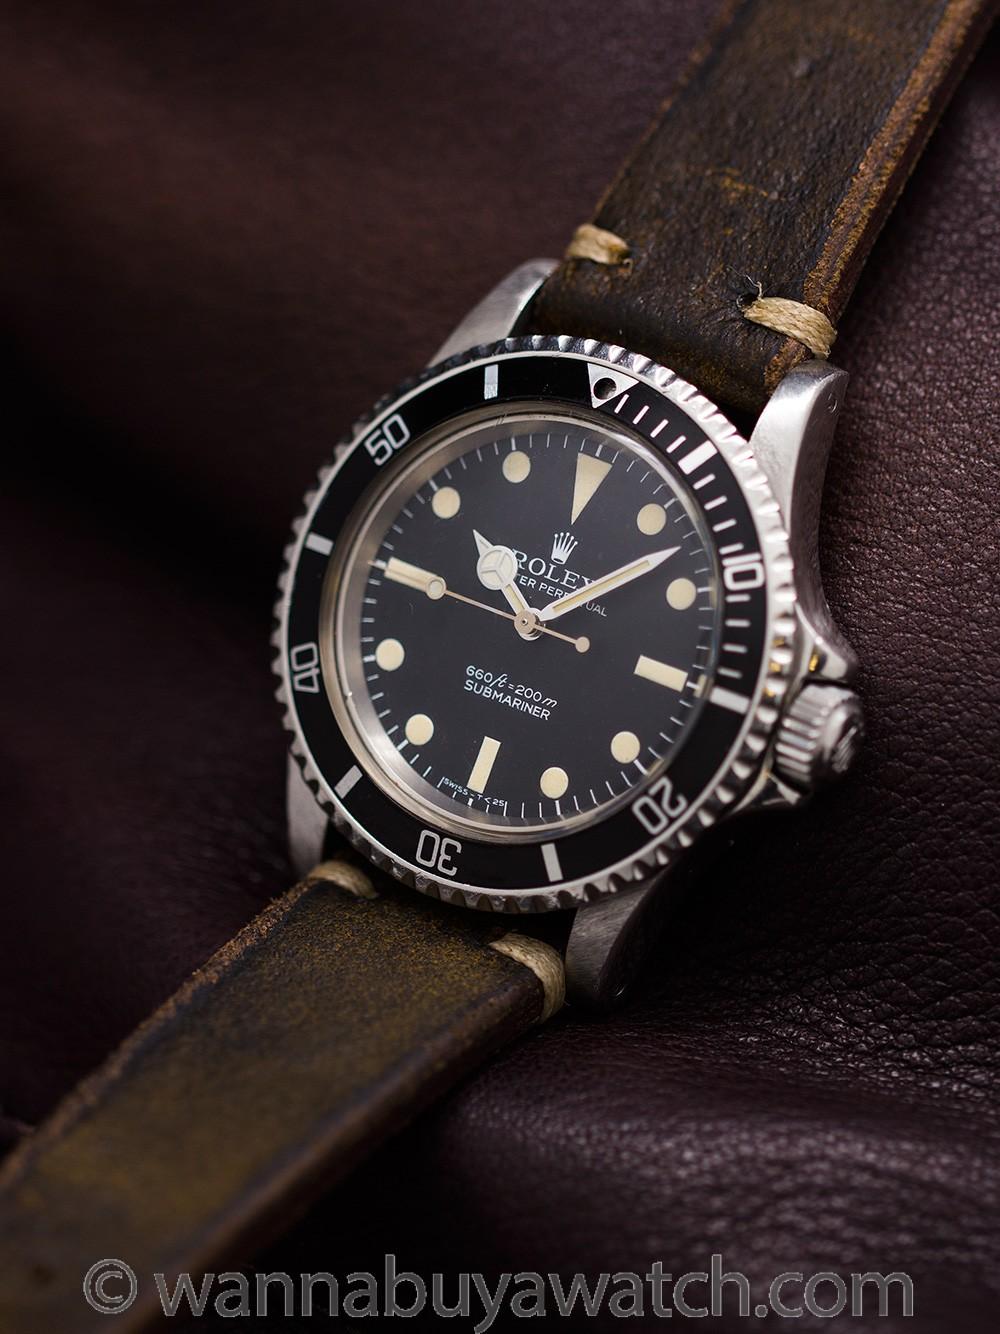 Rolex Submariner ref 5513 Stainless Steel circa 1978